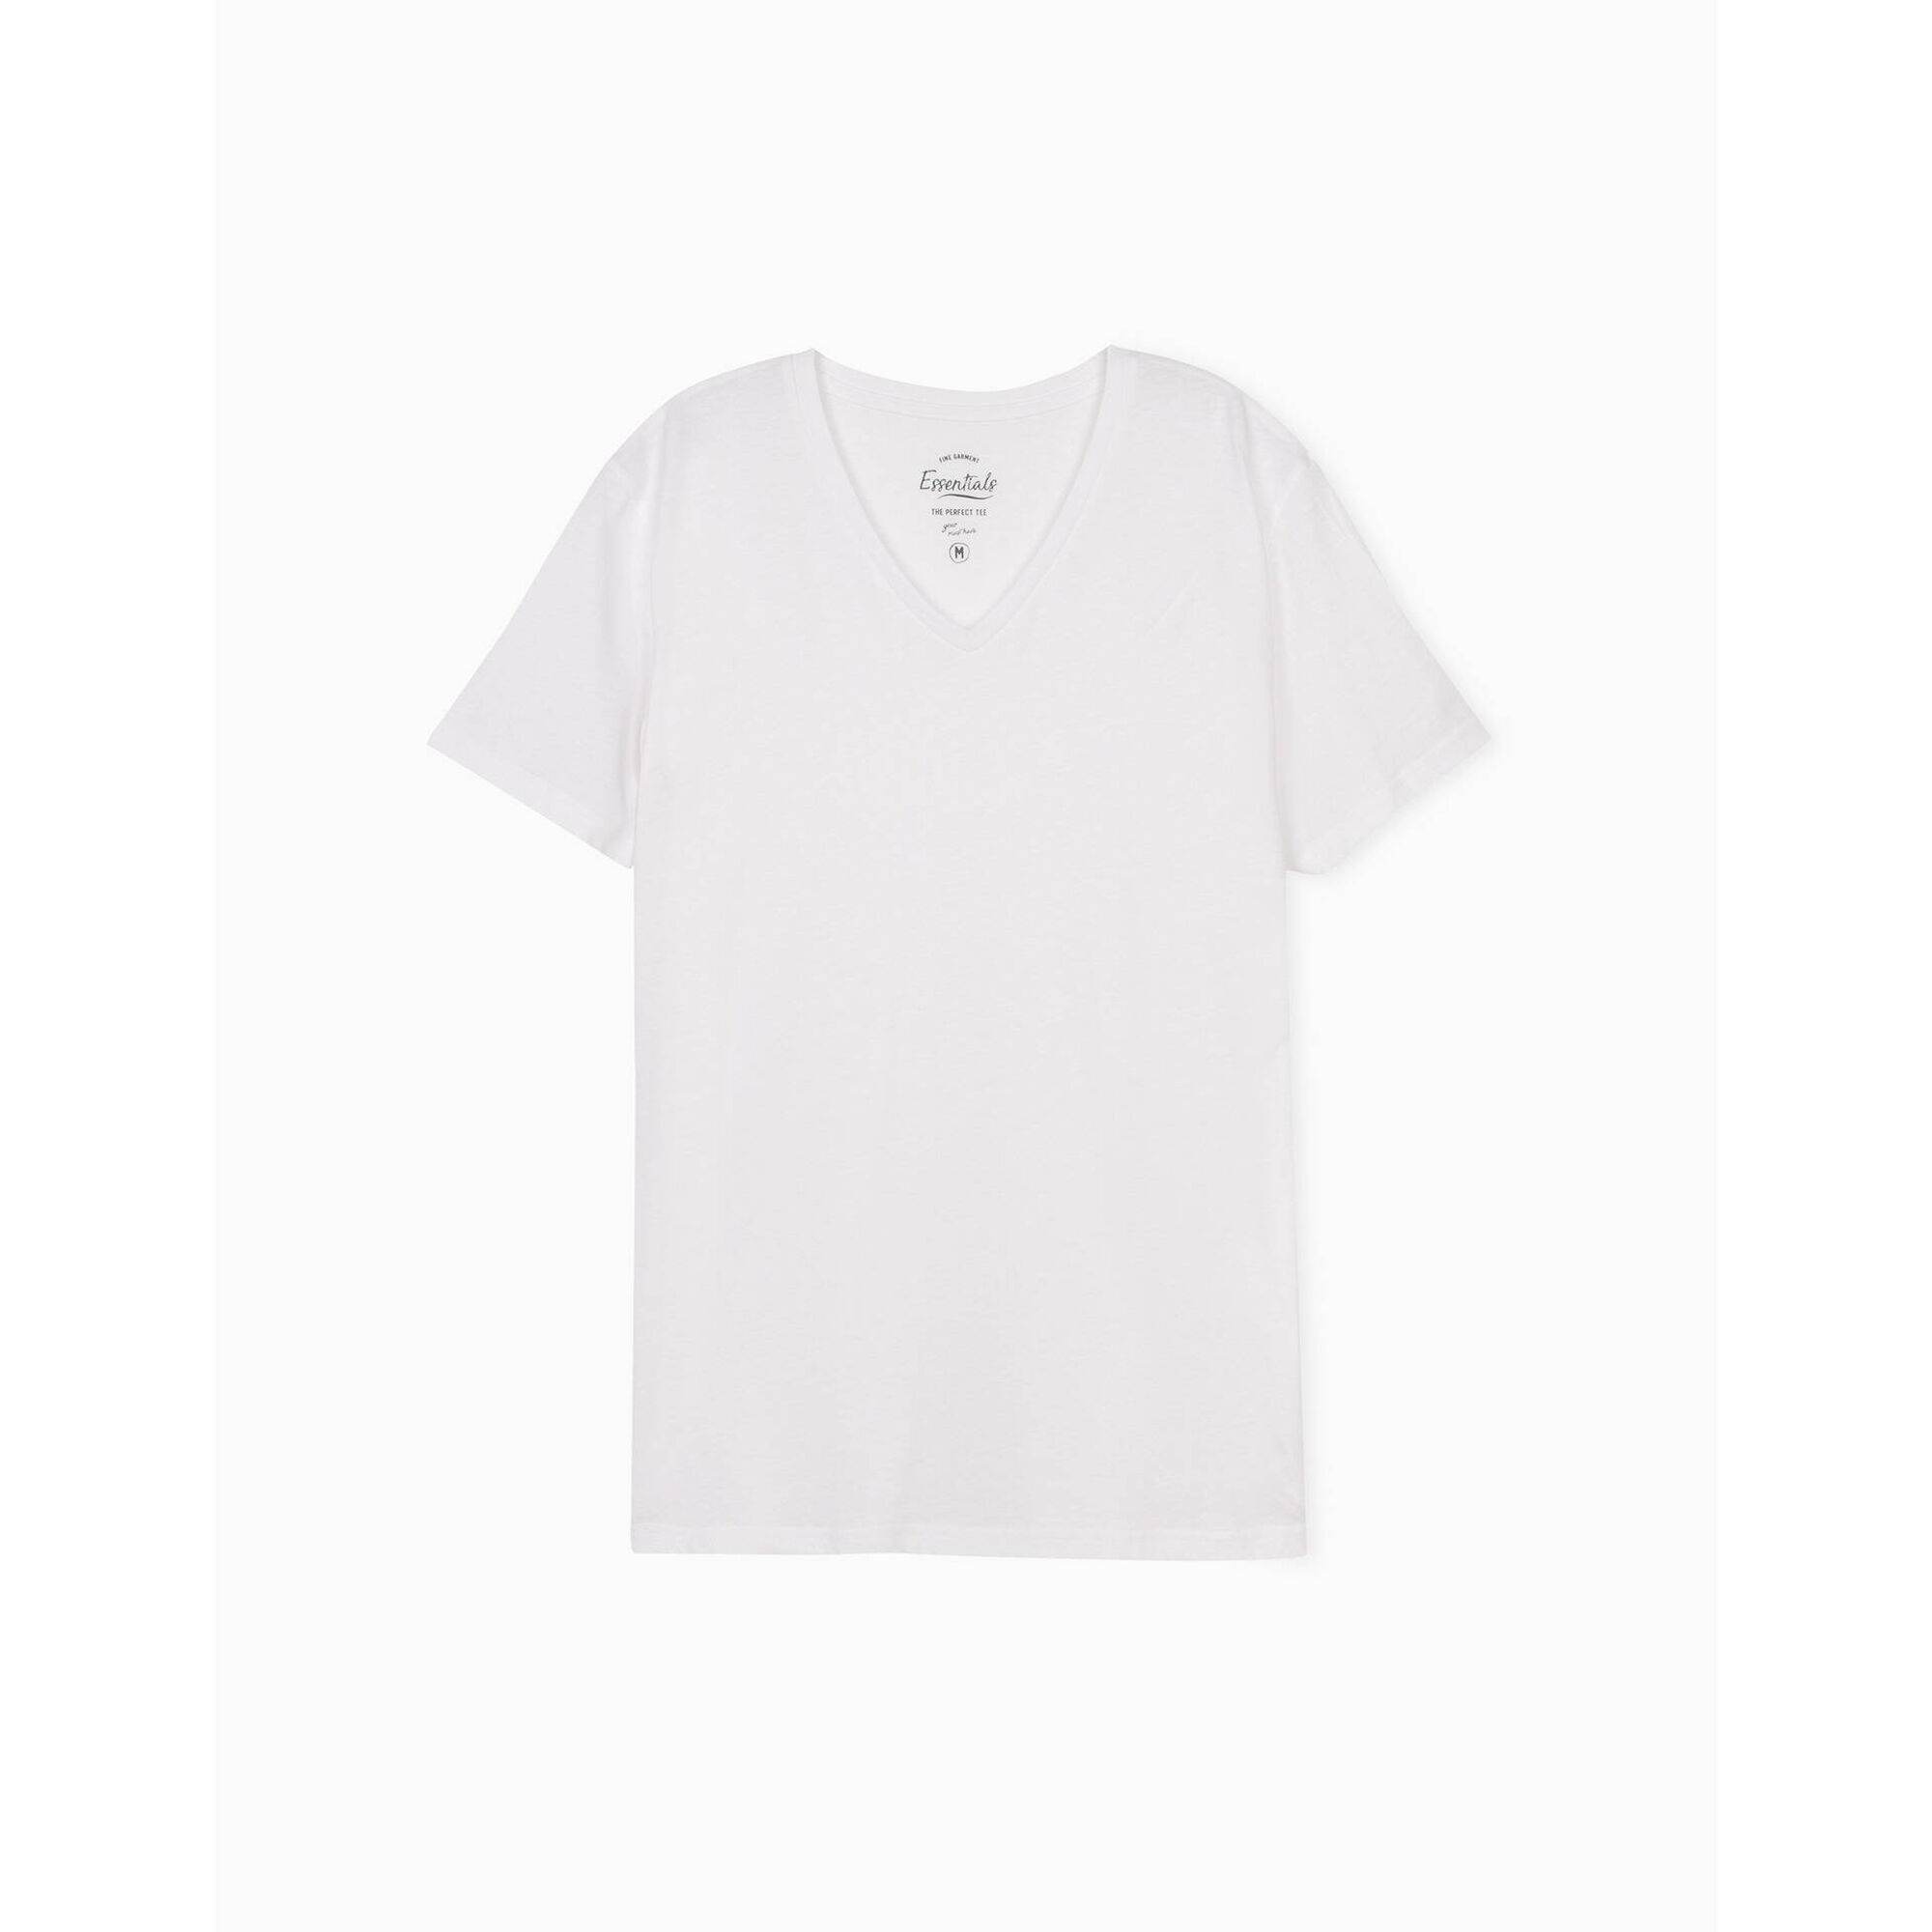 T-shirt Algodão com Decote em V Branco